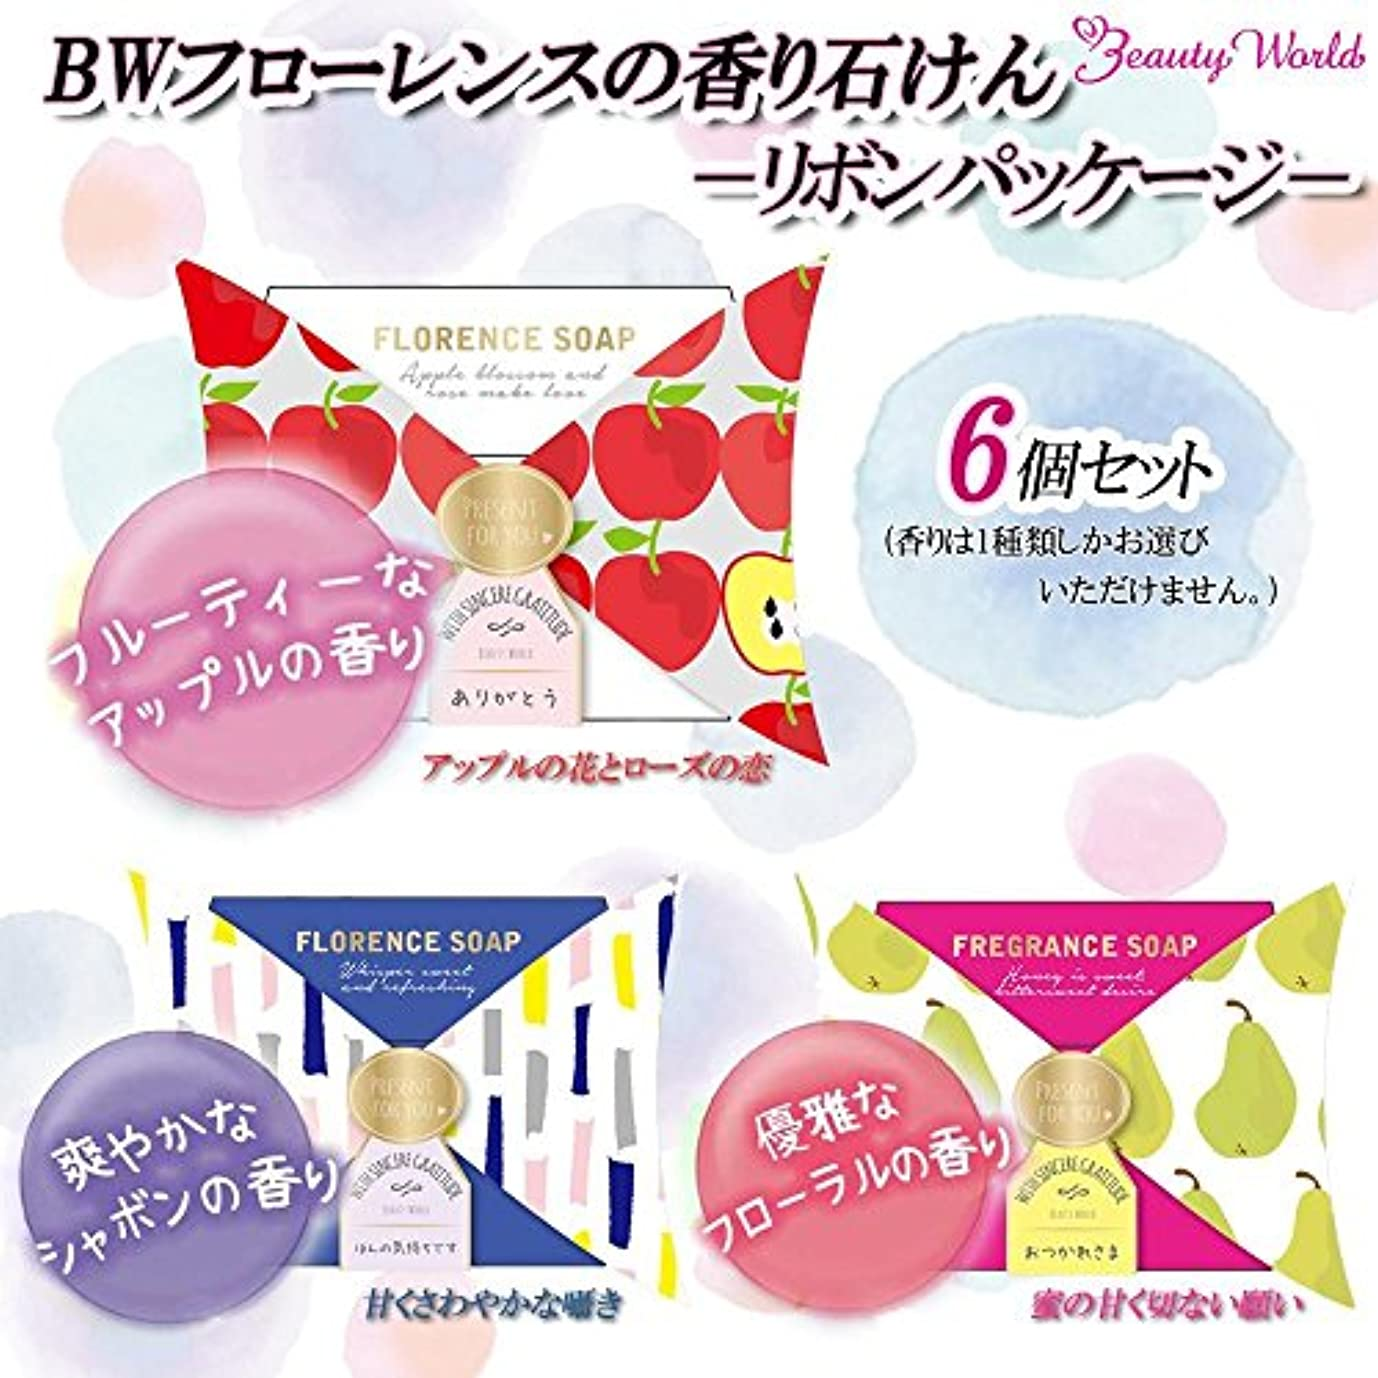 補充区別するあなたが良くなりますビューティーワールド BWフローレンスの香り石けん リボンパッケージ 6個セット ■3種類の内「FSP386?蜜の甘く切ない願い」を1点のみです